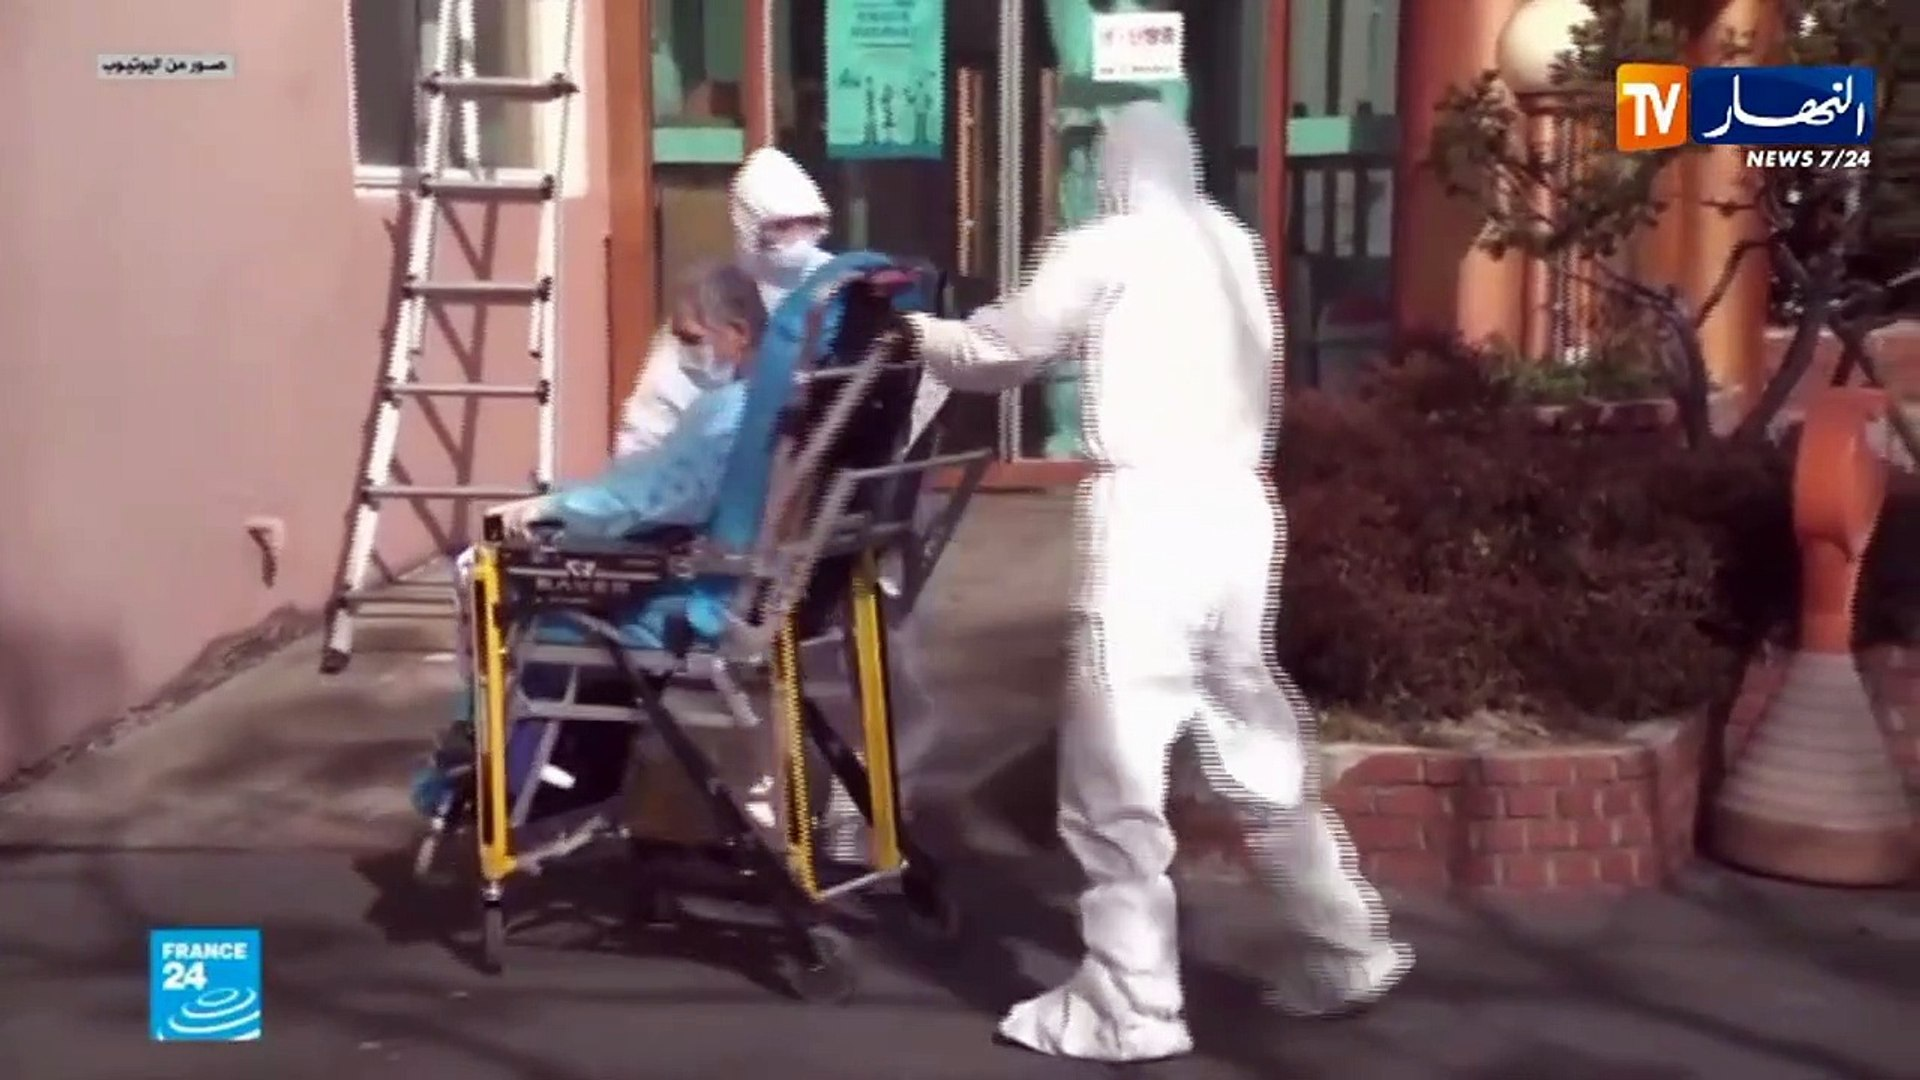 كورونا: الحجر الصحي المنزلي..هكذا نجحت الصين في السيطرة على إنتشار الفيروس